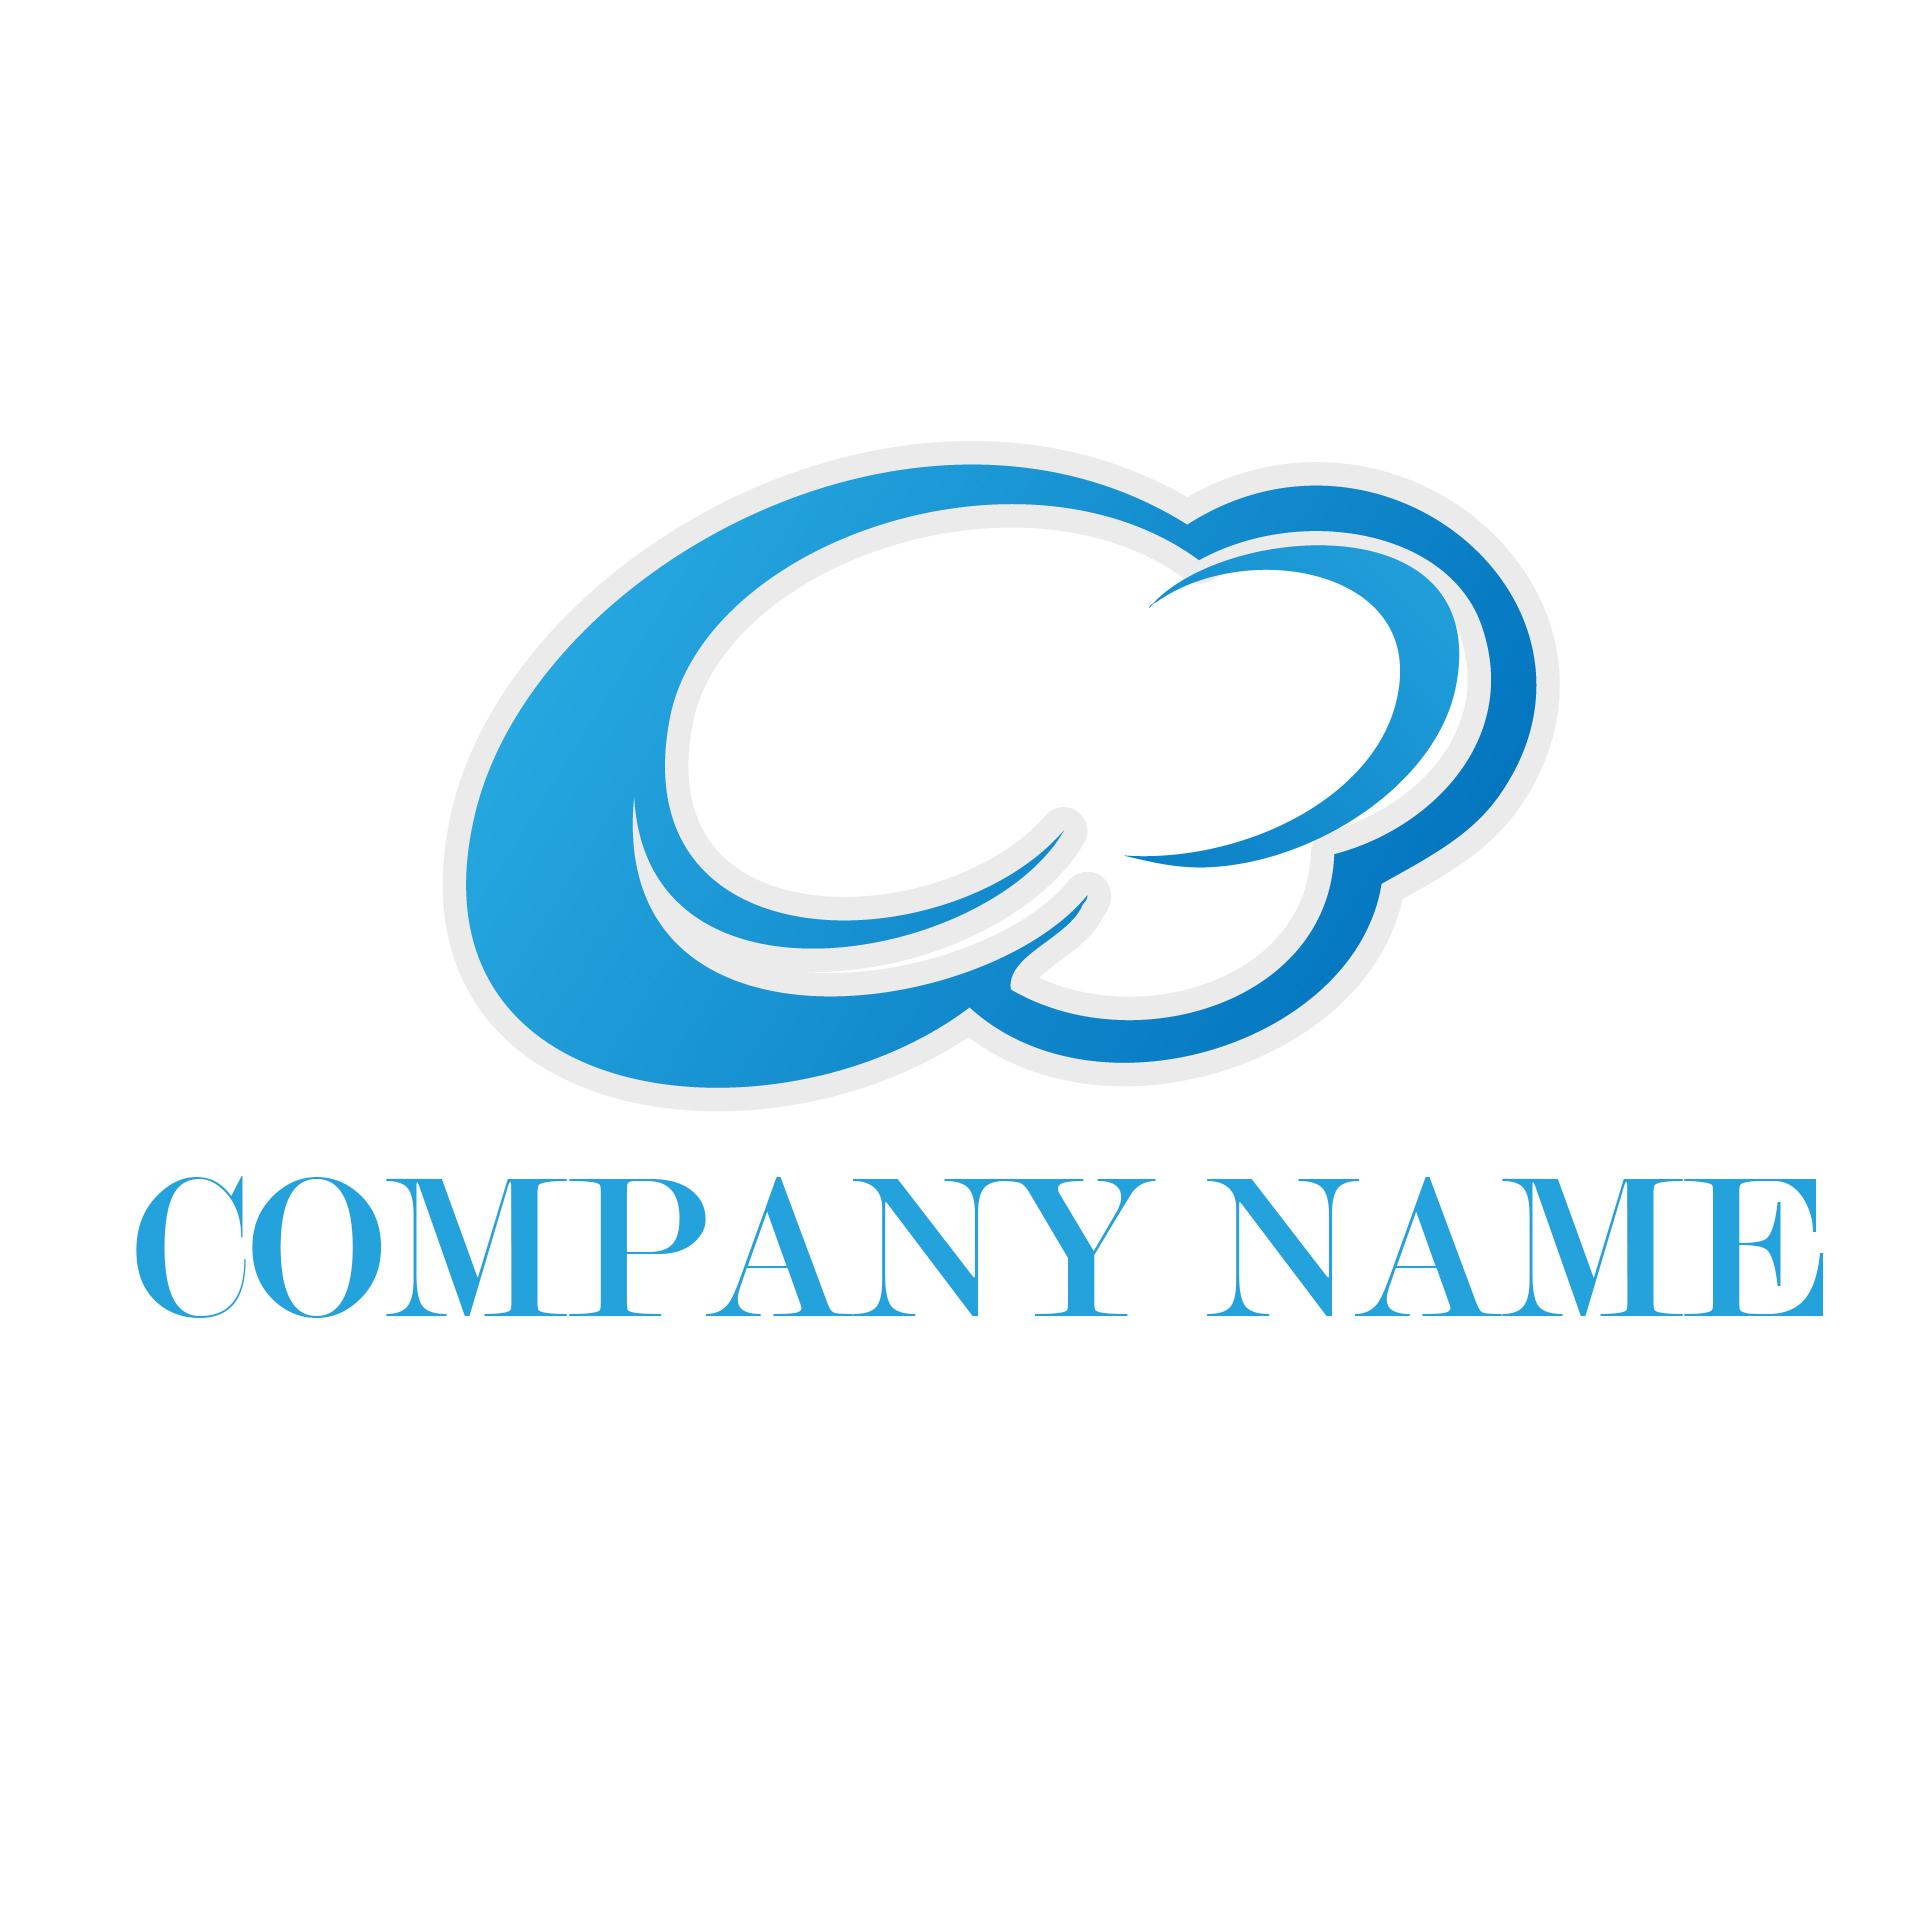 לוגו שירותי ענן Cloud services